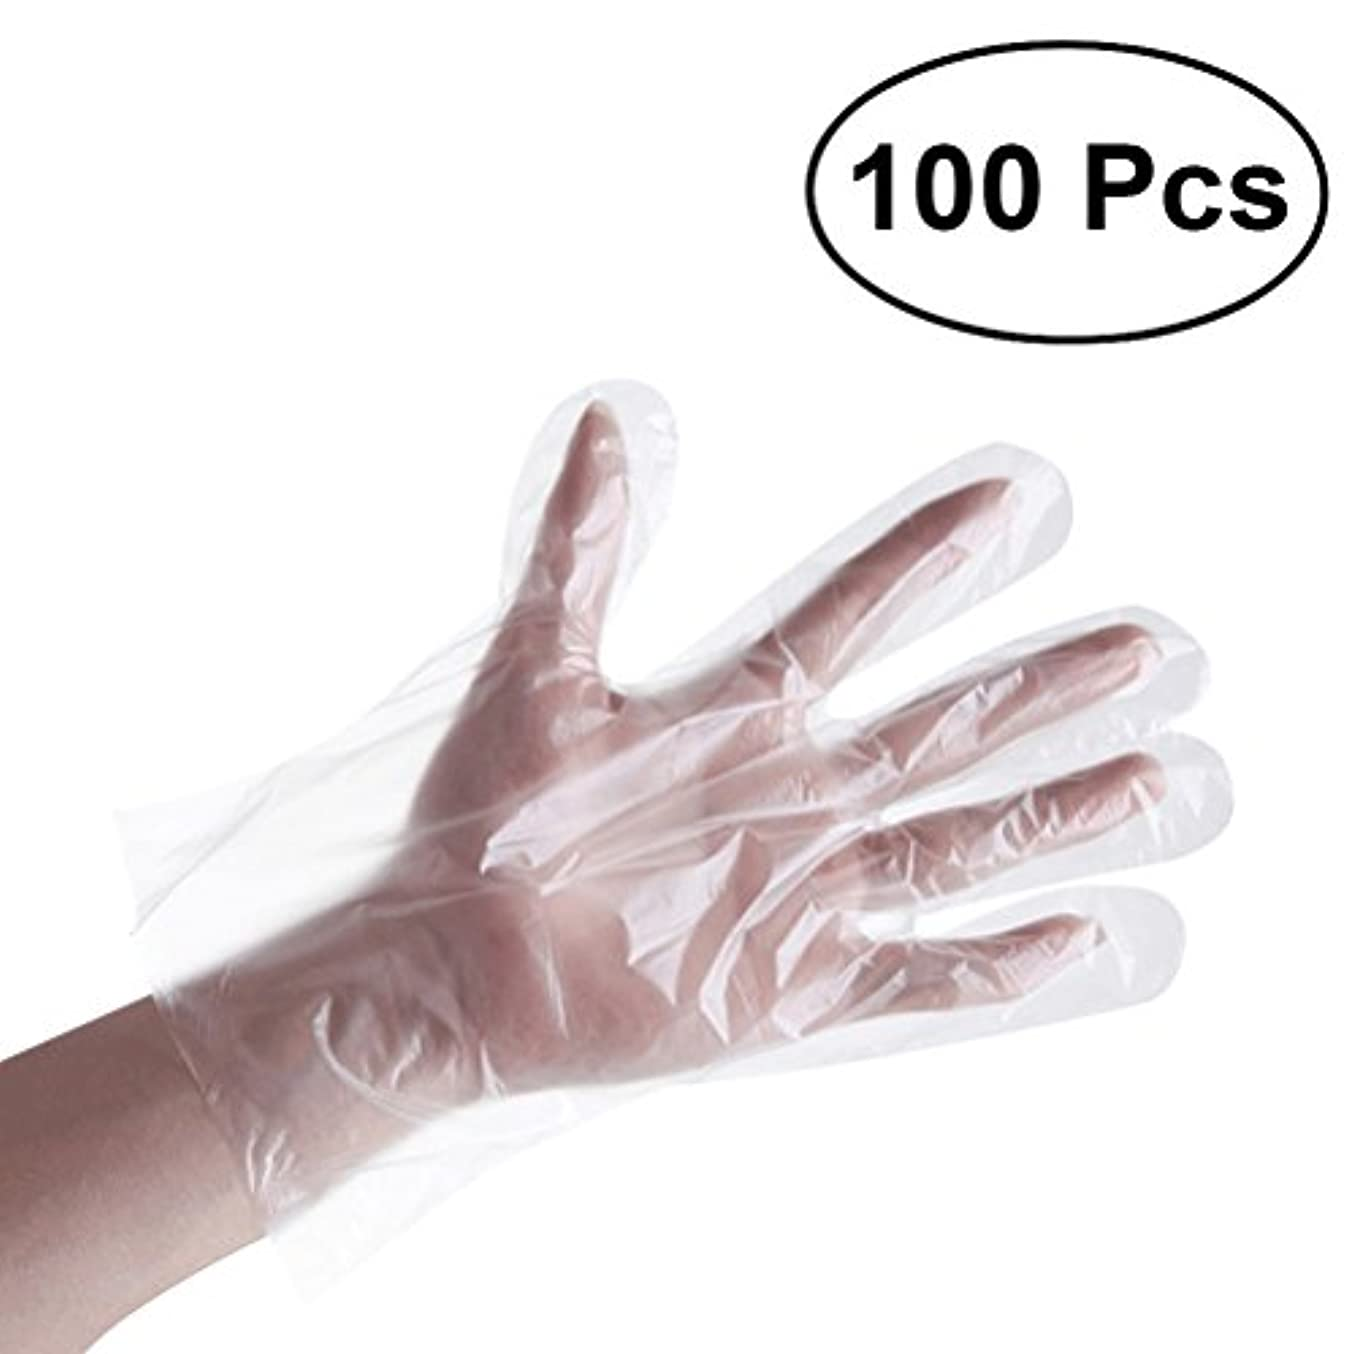 デイジー北方責BESTONZON 使い捨て手袋 使い捨てグローブ 透明 プラスチック 医療 クリーニング 衛生 絵画 美容 食品加工 キッチン用 100ピース